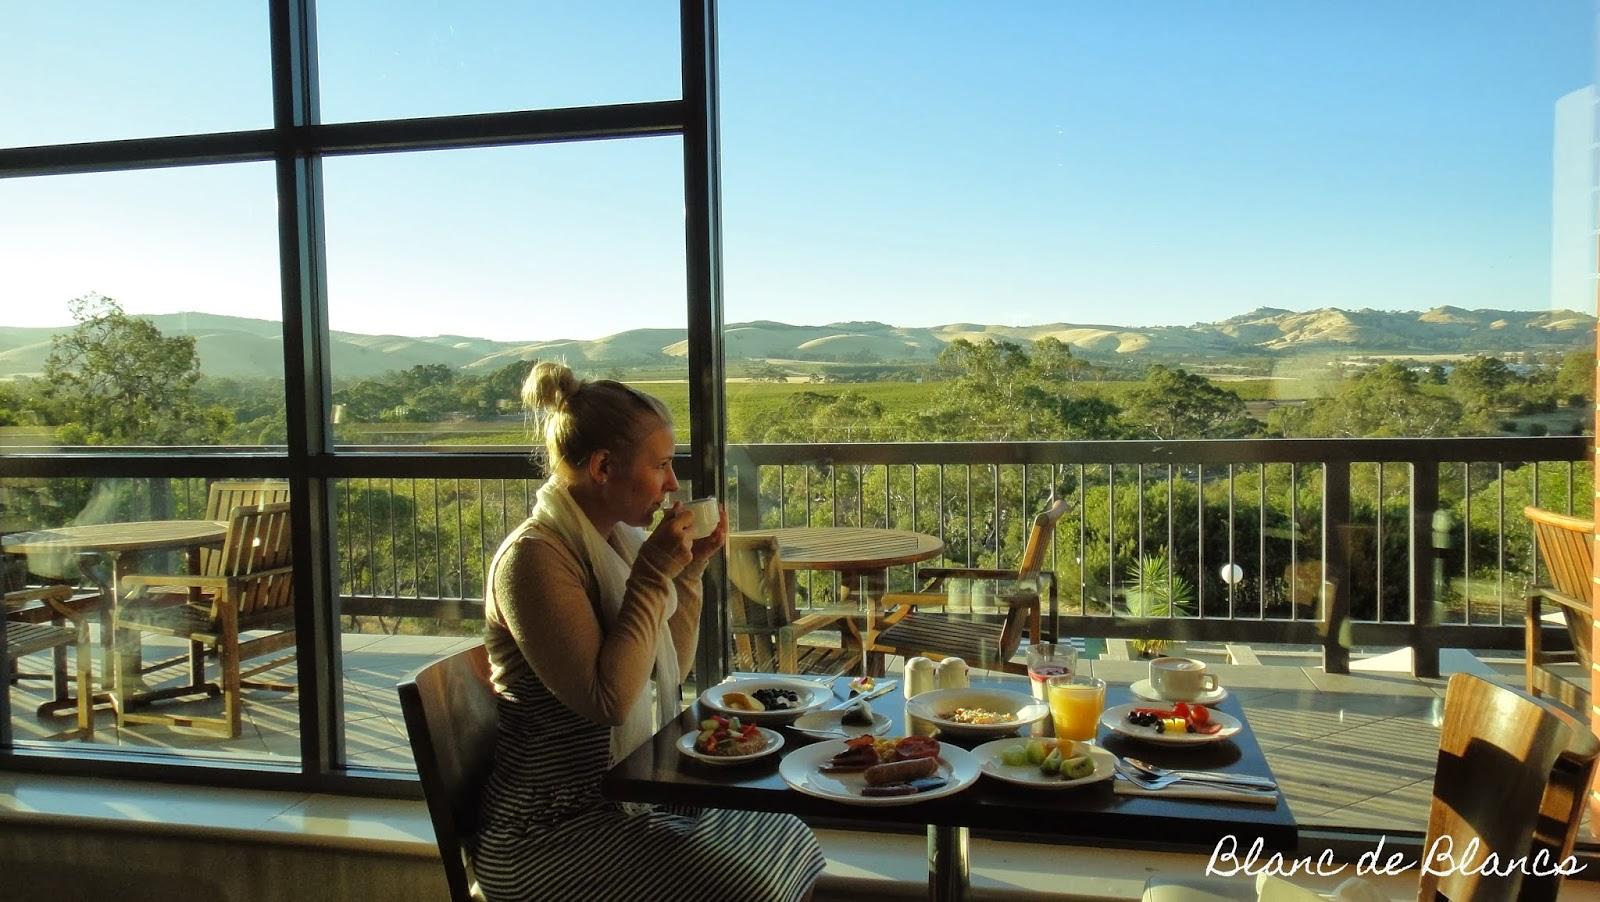 Australialainen aamiainen Barossa Valleyssä - www.blancdeblancs.fi